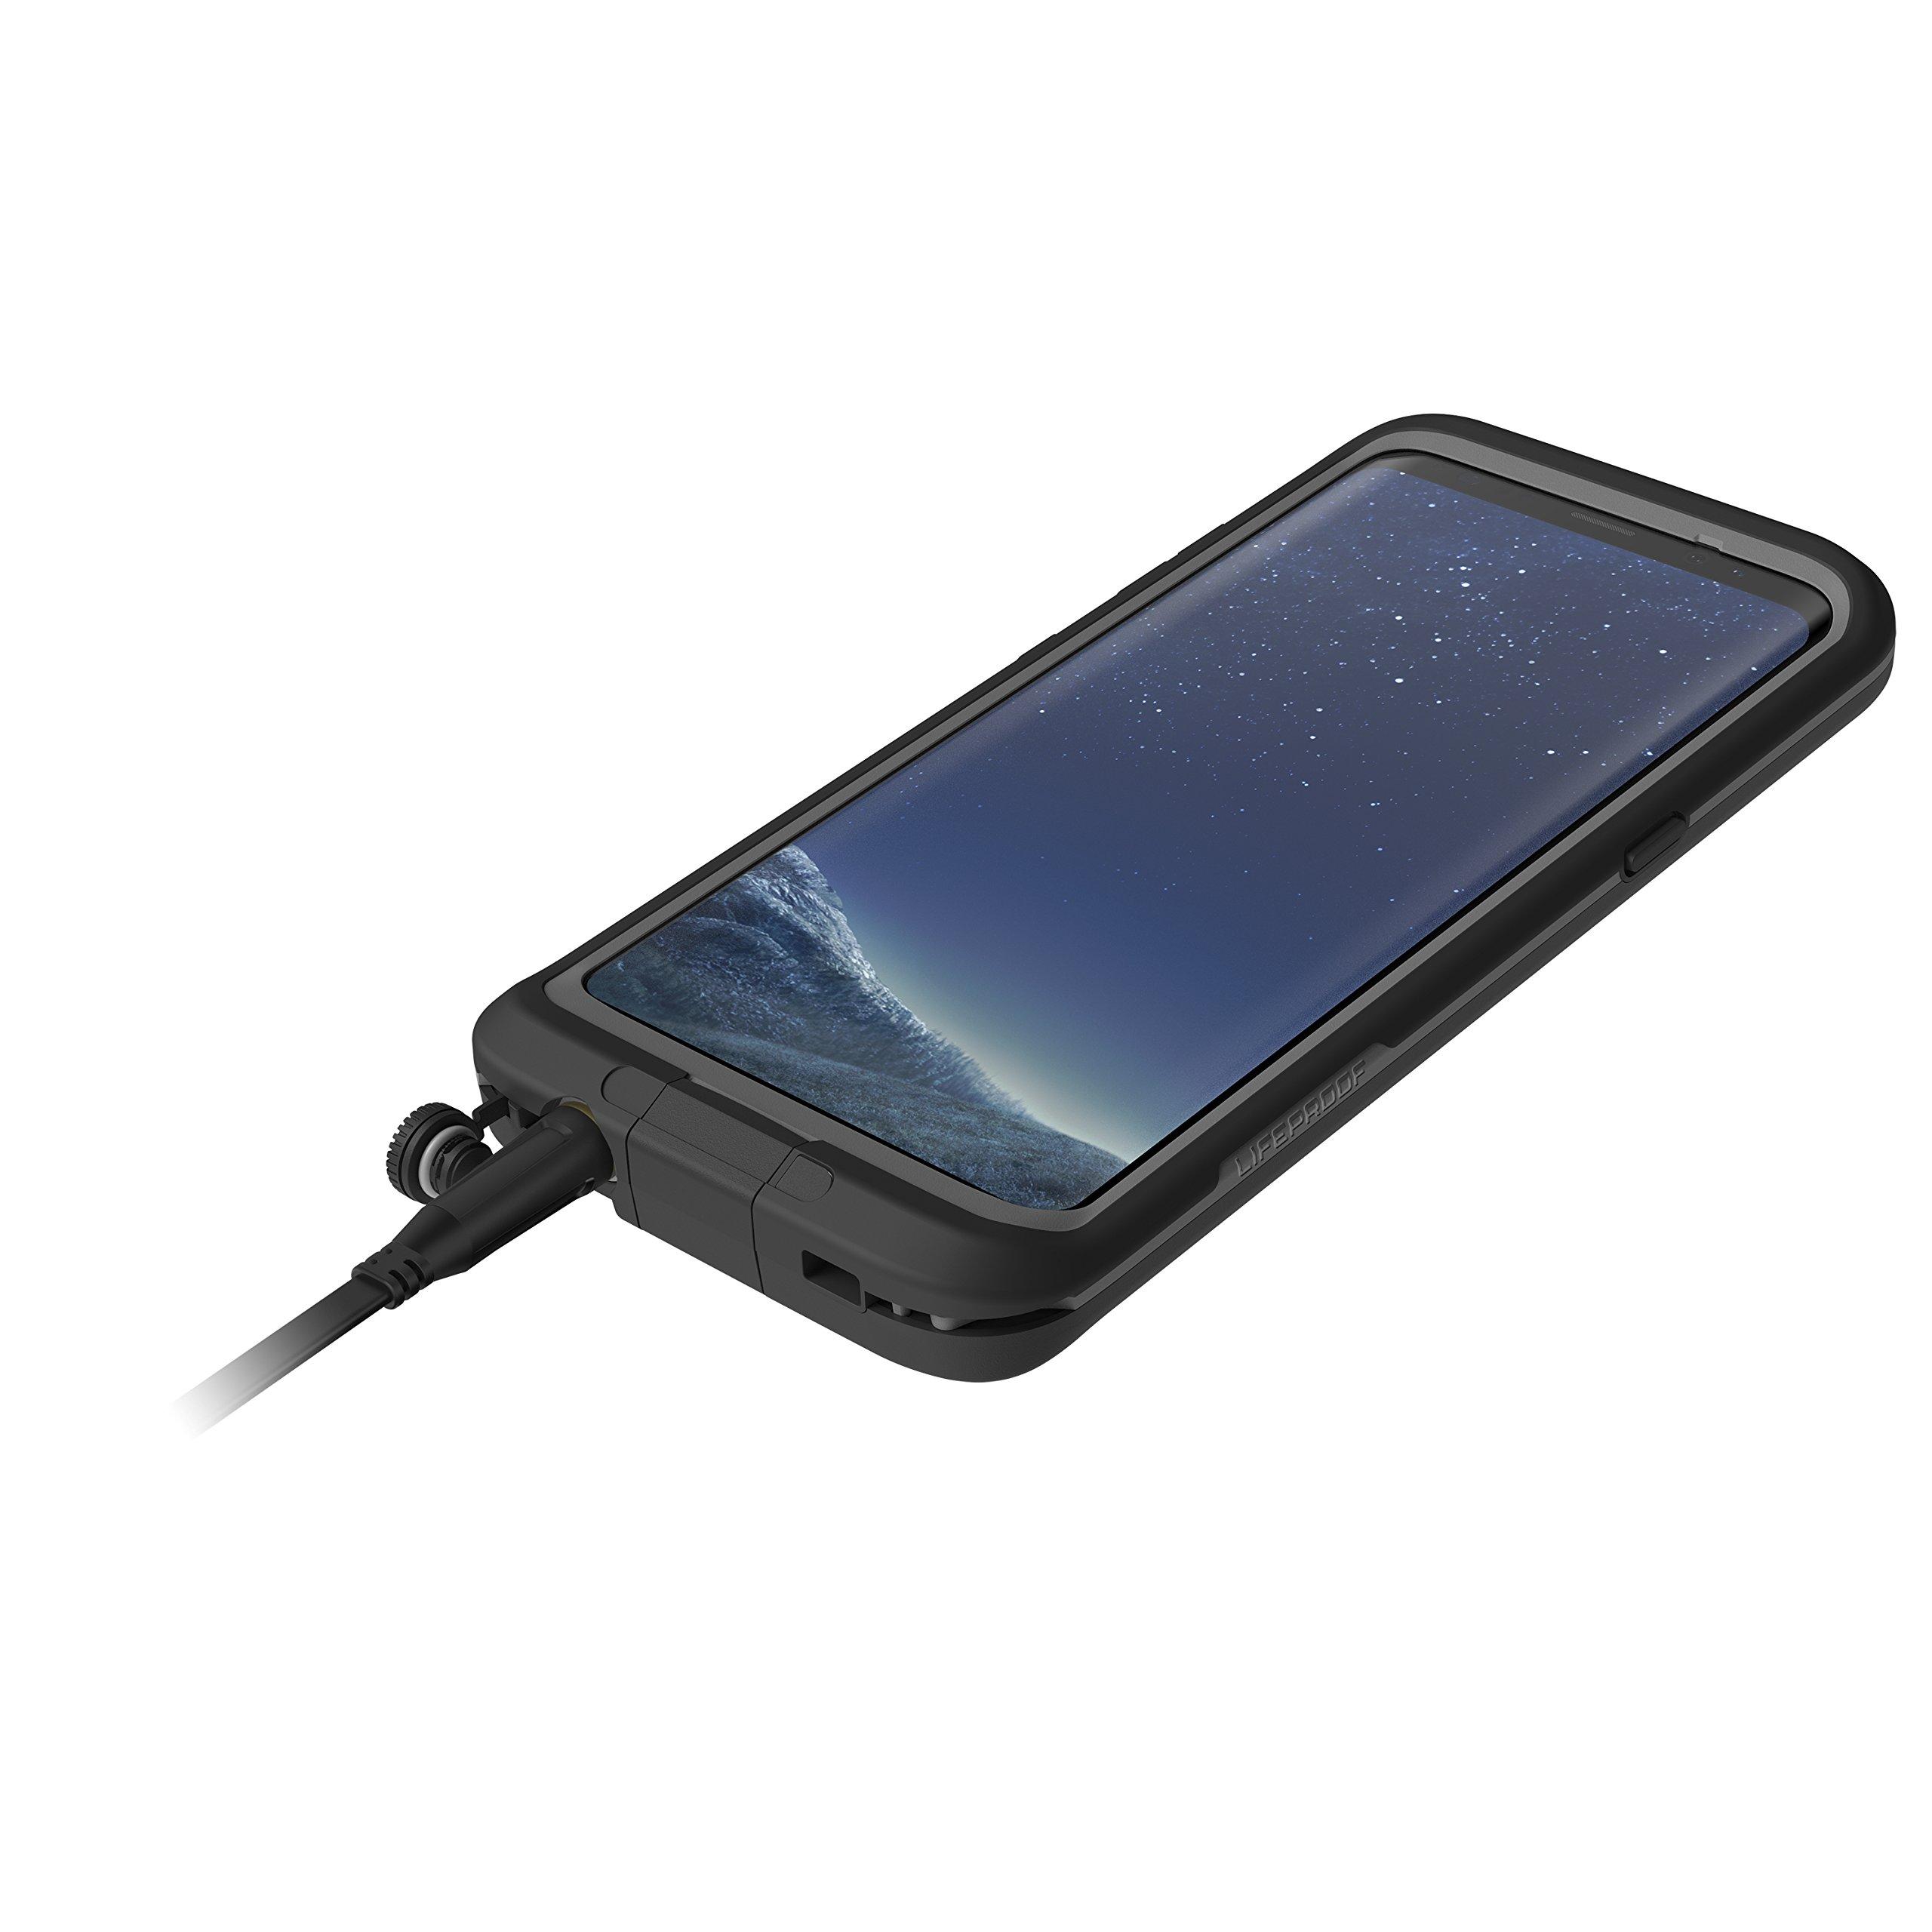 Lifeproof FRĒ SERIES Waterproof Case for Samsung Galaxy S8 (ONLY) - Retail Packaging - ASPHALT (BLACK/DARK GREY) by LifeProof (Image #6)